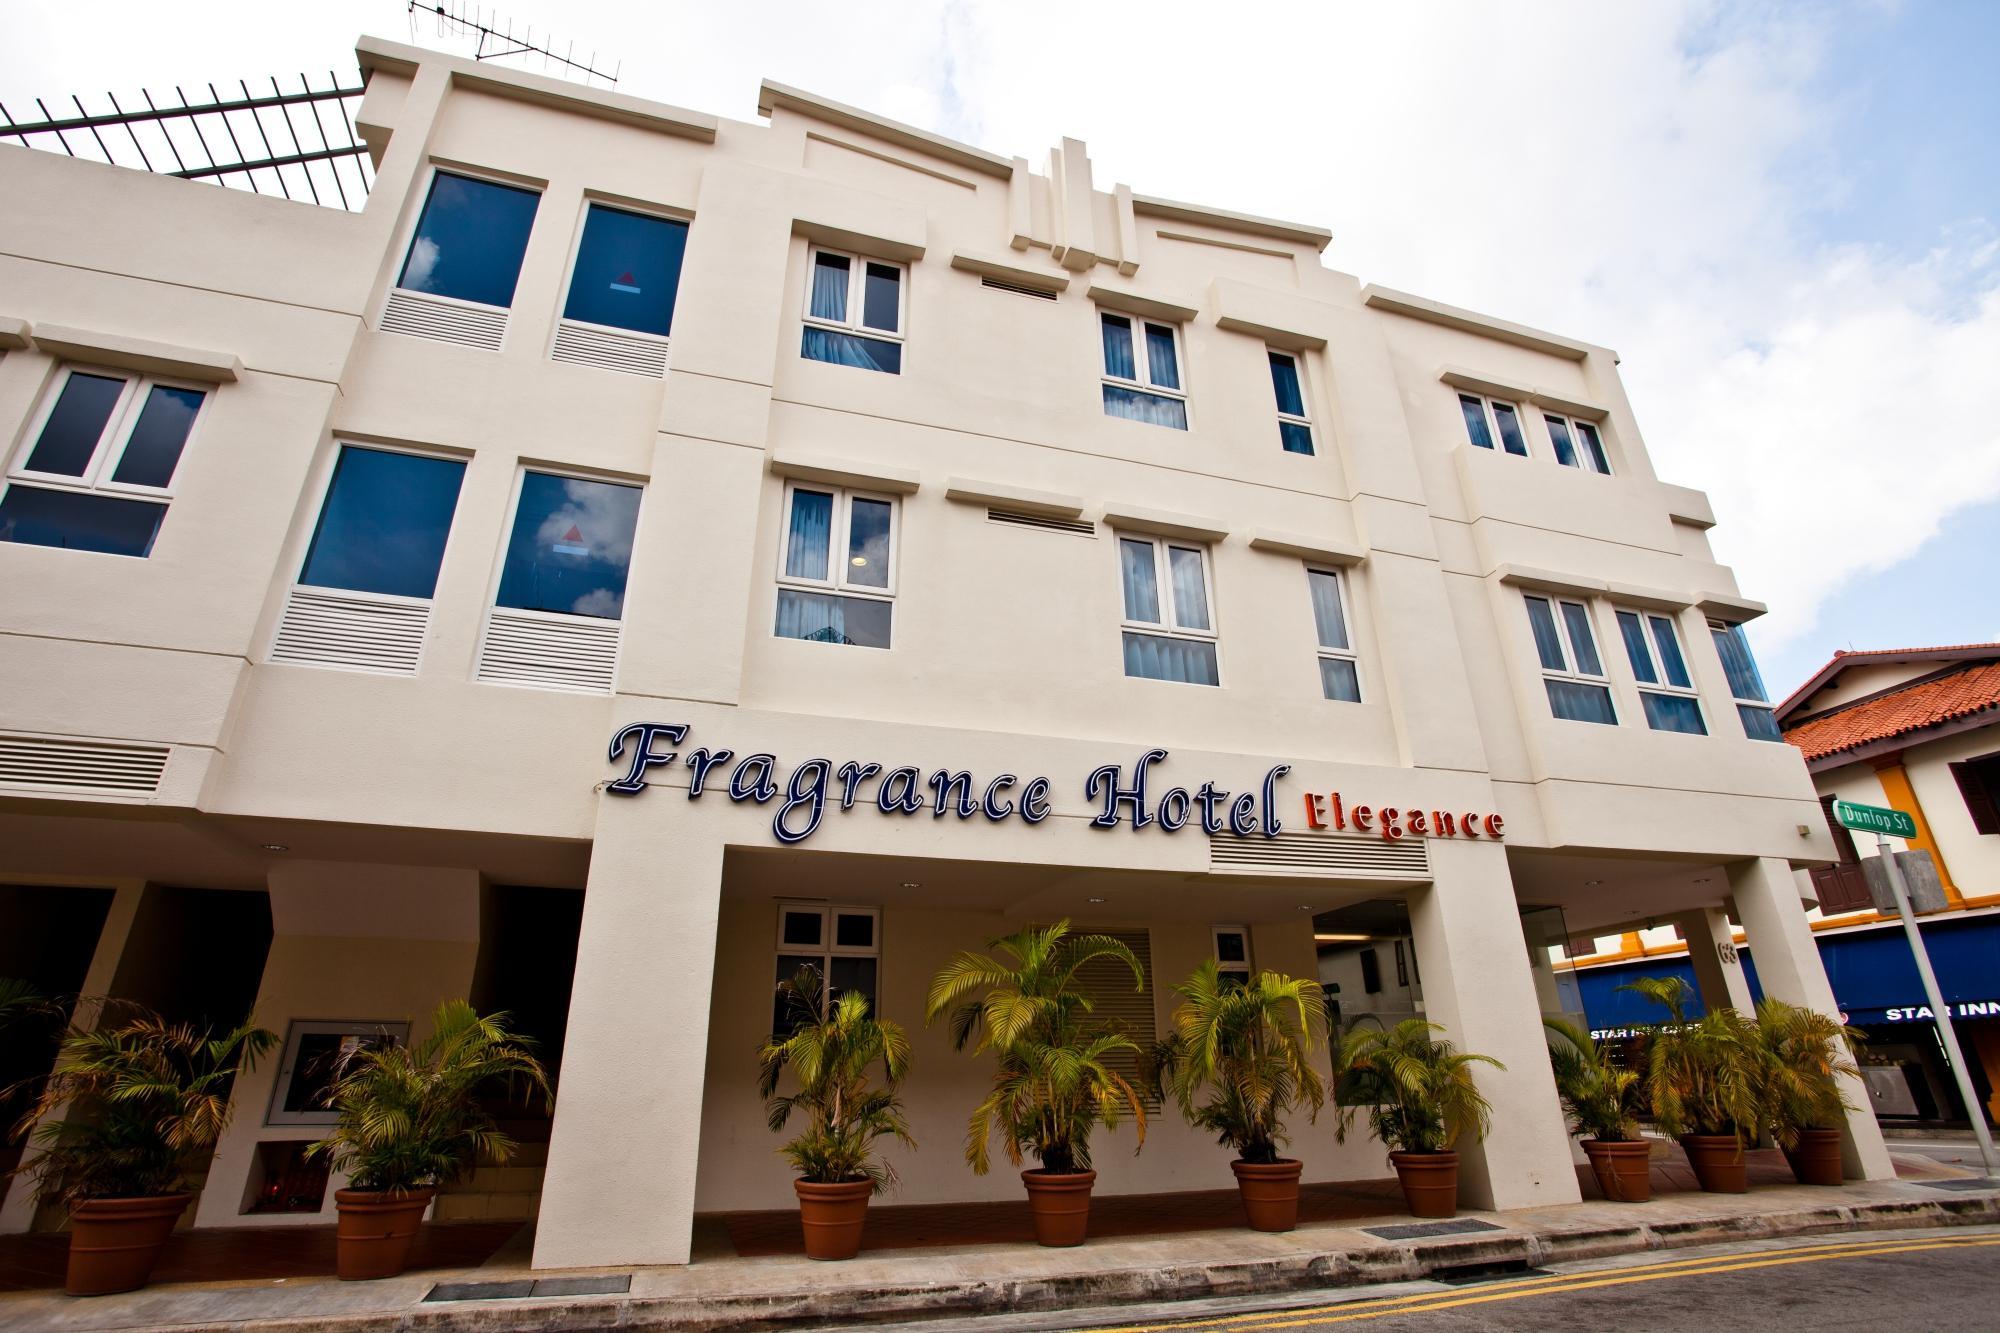 Fragrance Hotel - Elegance